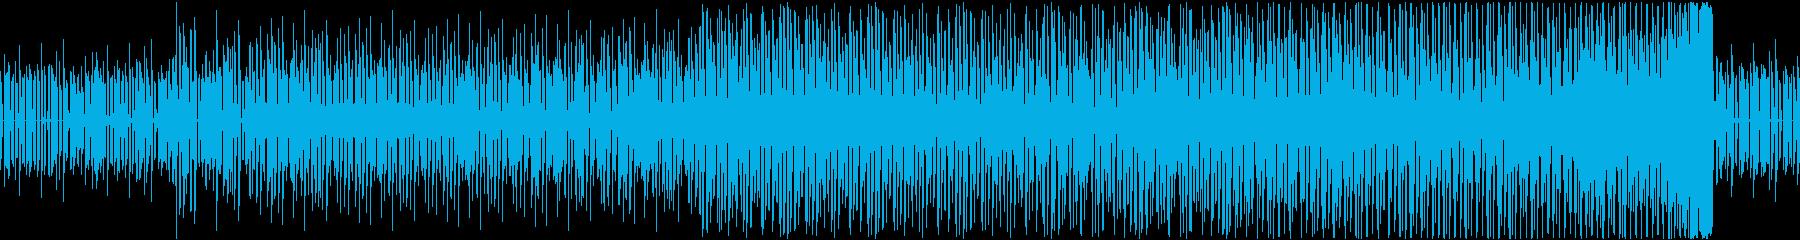 ミステリーの推理中のようなハウスBGMの再生済みの波形